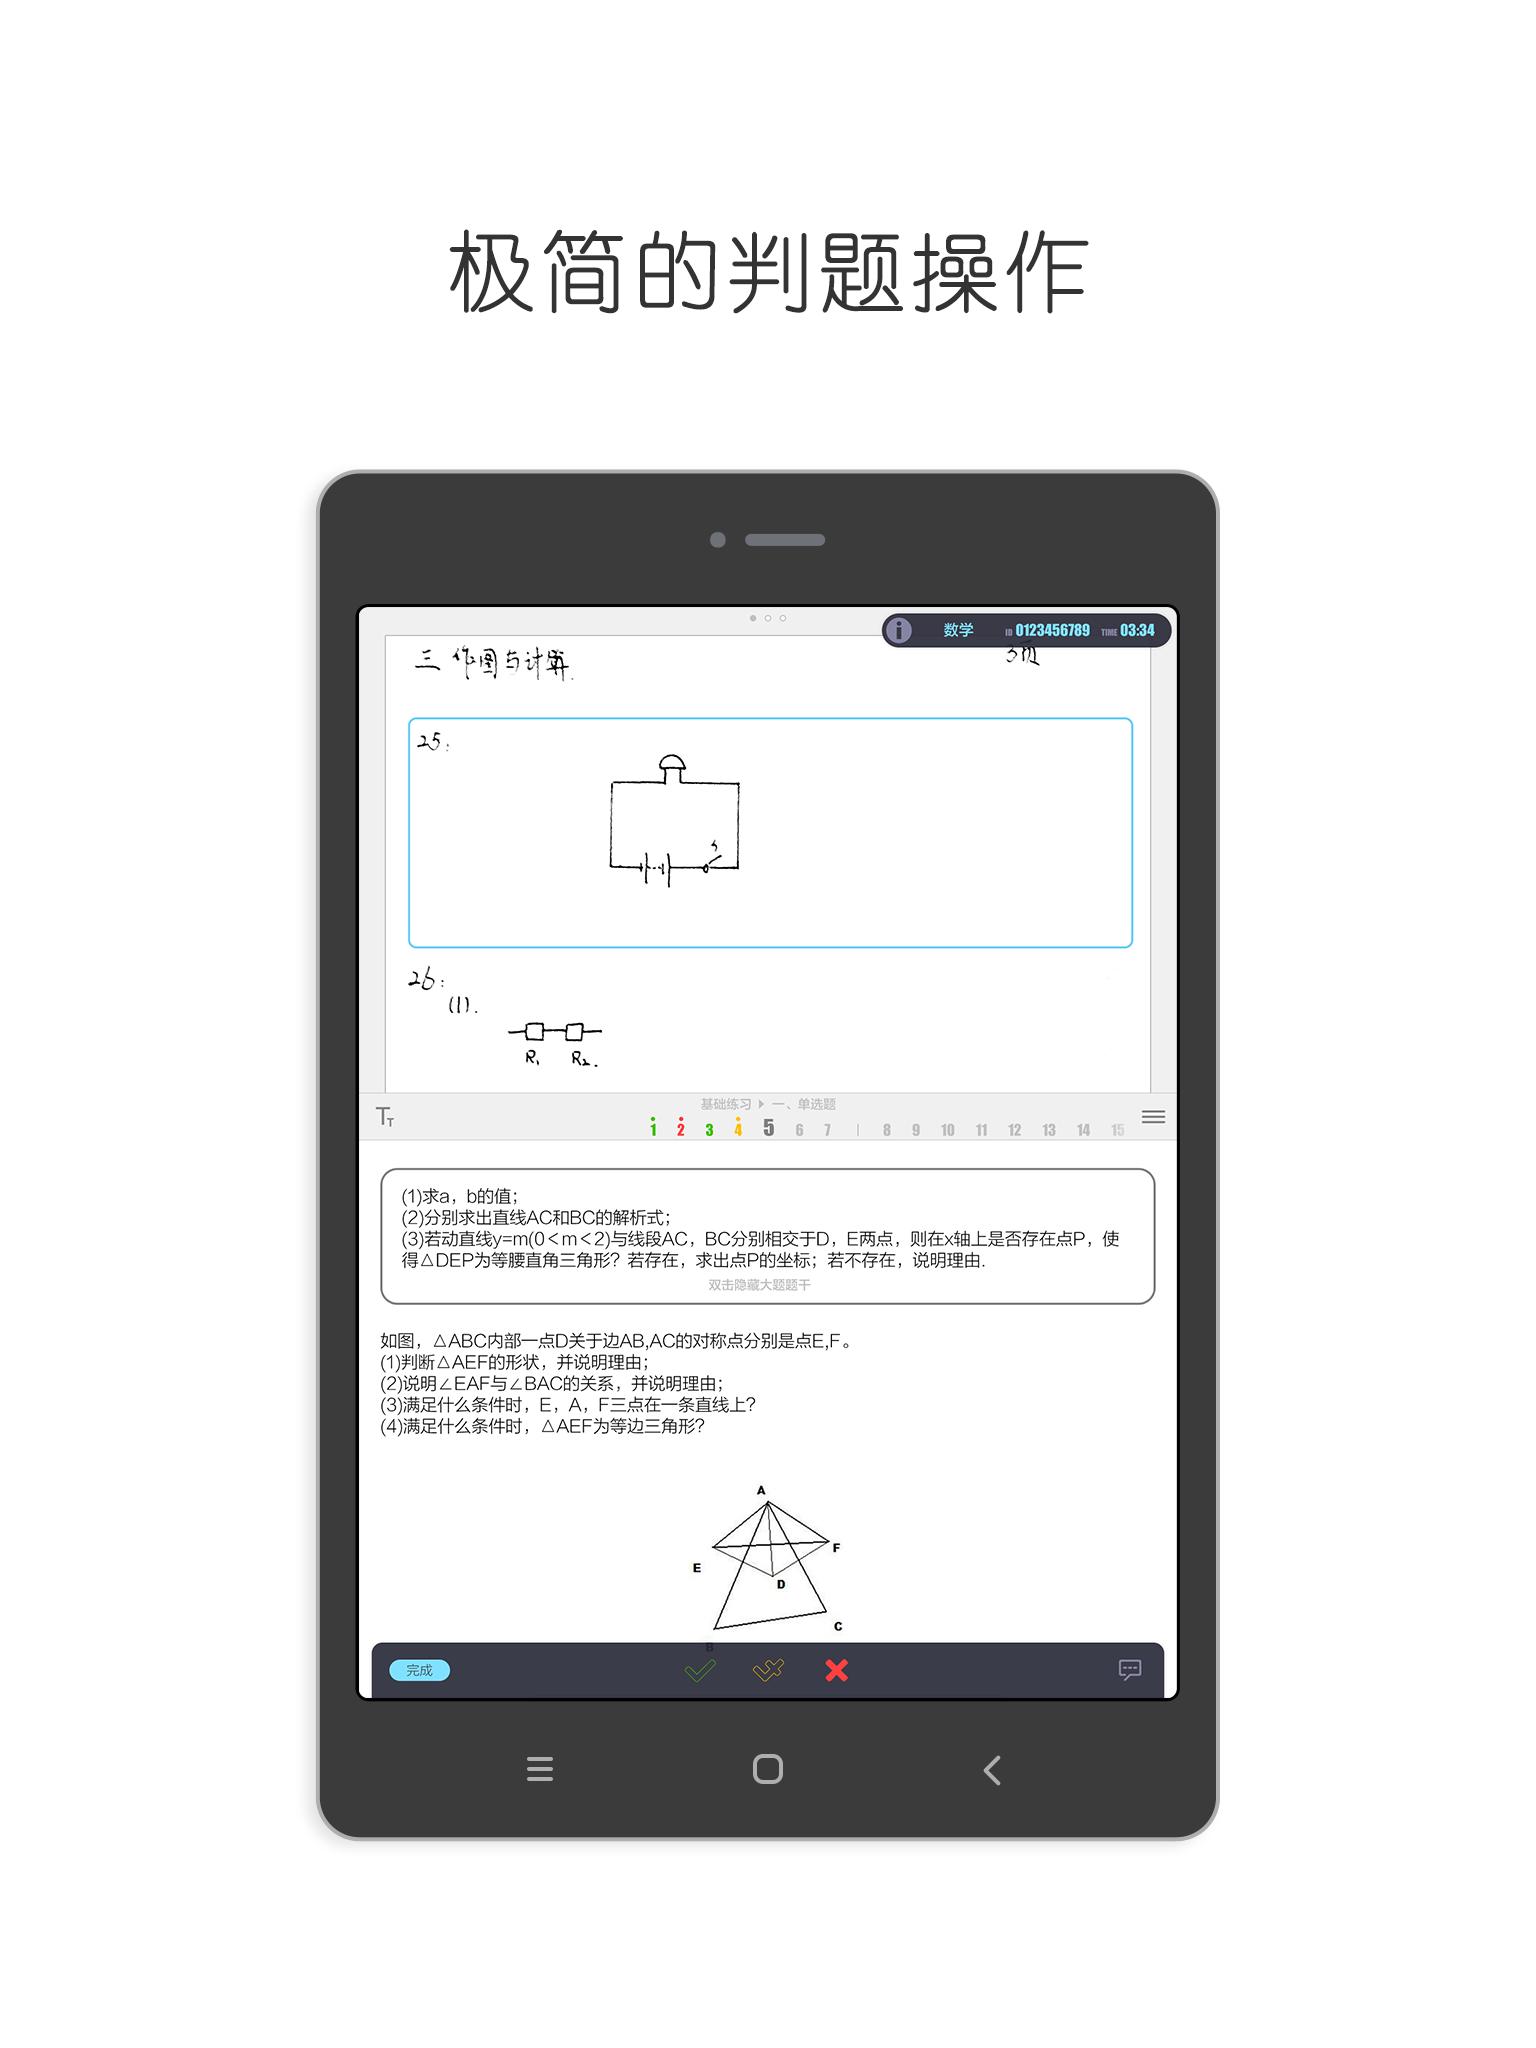 同程批阅 1.0.4 手机版